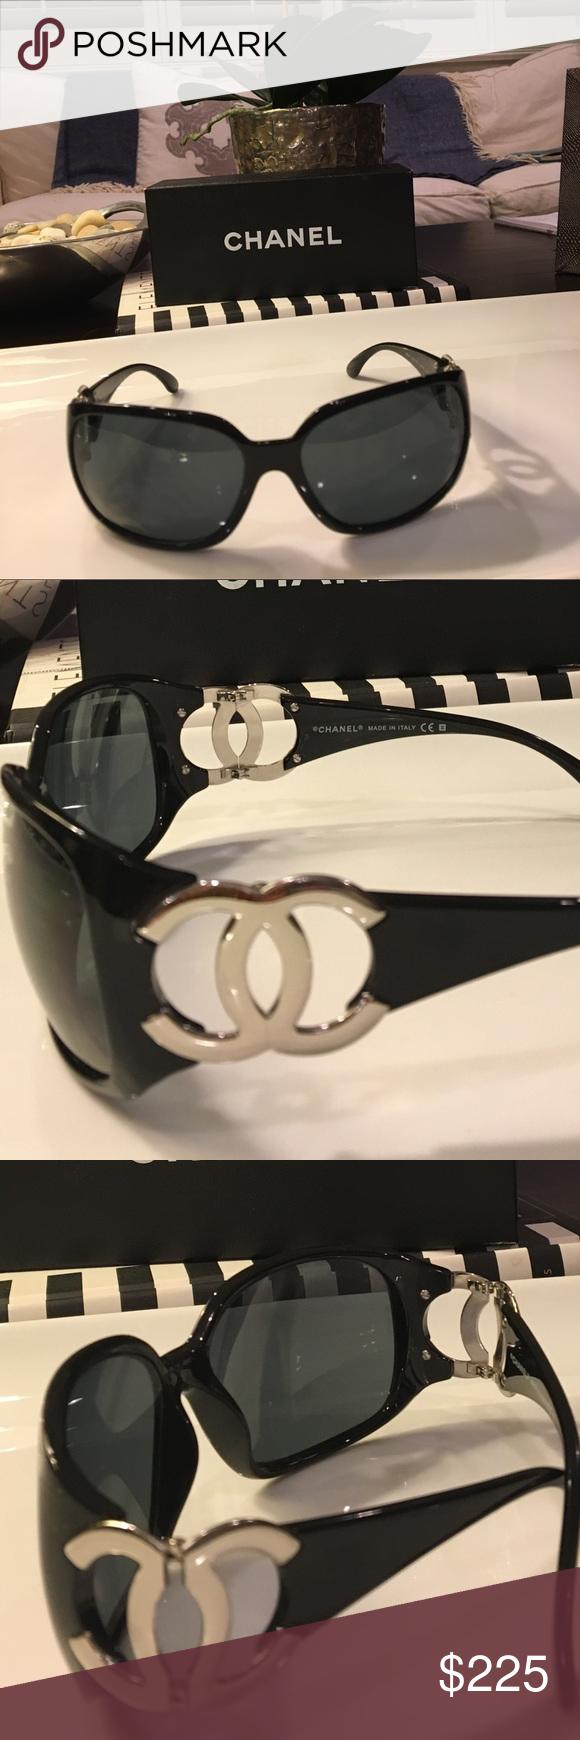 e8ad06e40879 Chanel Sunglasses Chanel Sunglasses with signature C logo in silver on  sides. CHANEL Accessories Sunglasses